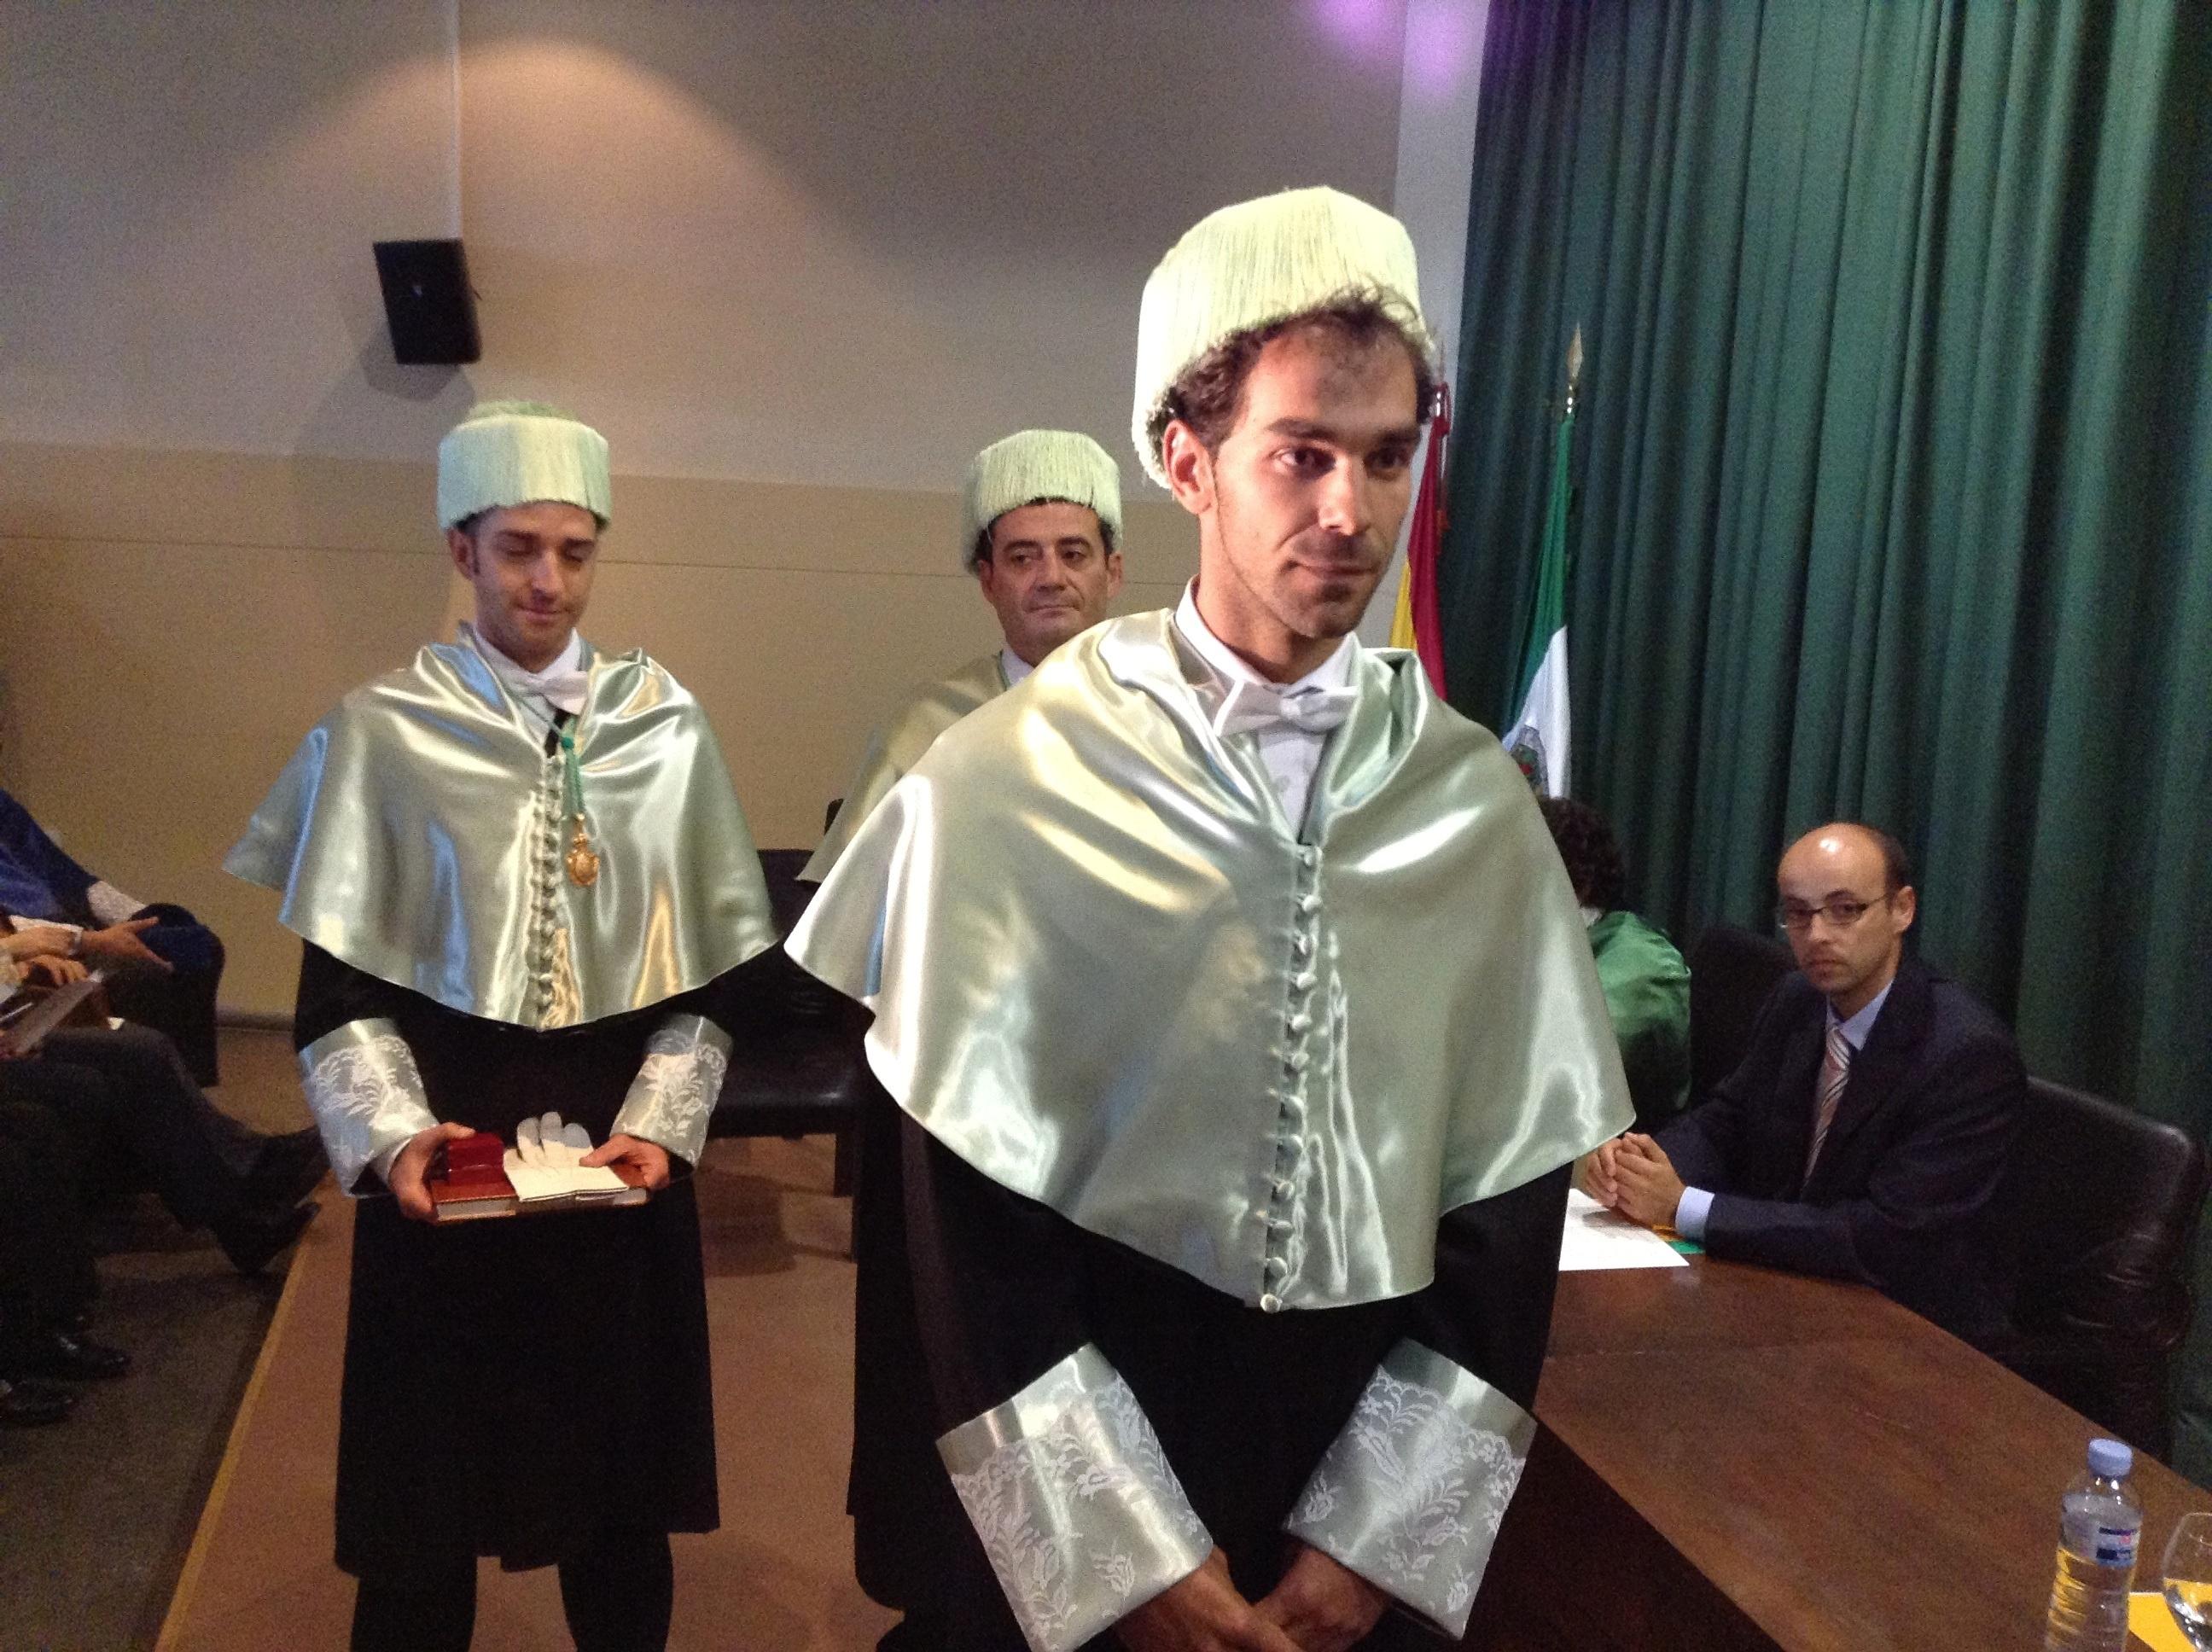 José Manuel Calderón destaca en su investidura como Doctor Honoris Causa de la UEx que con «esfuerzo» todo se consigue